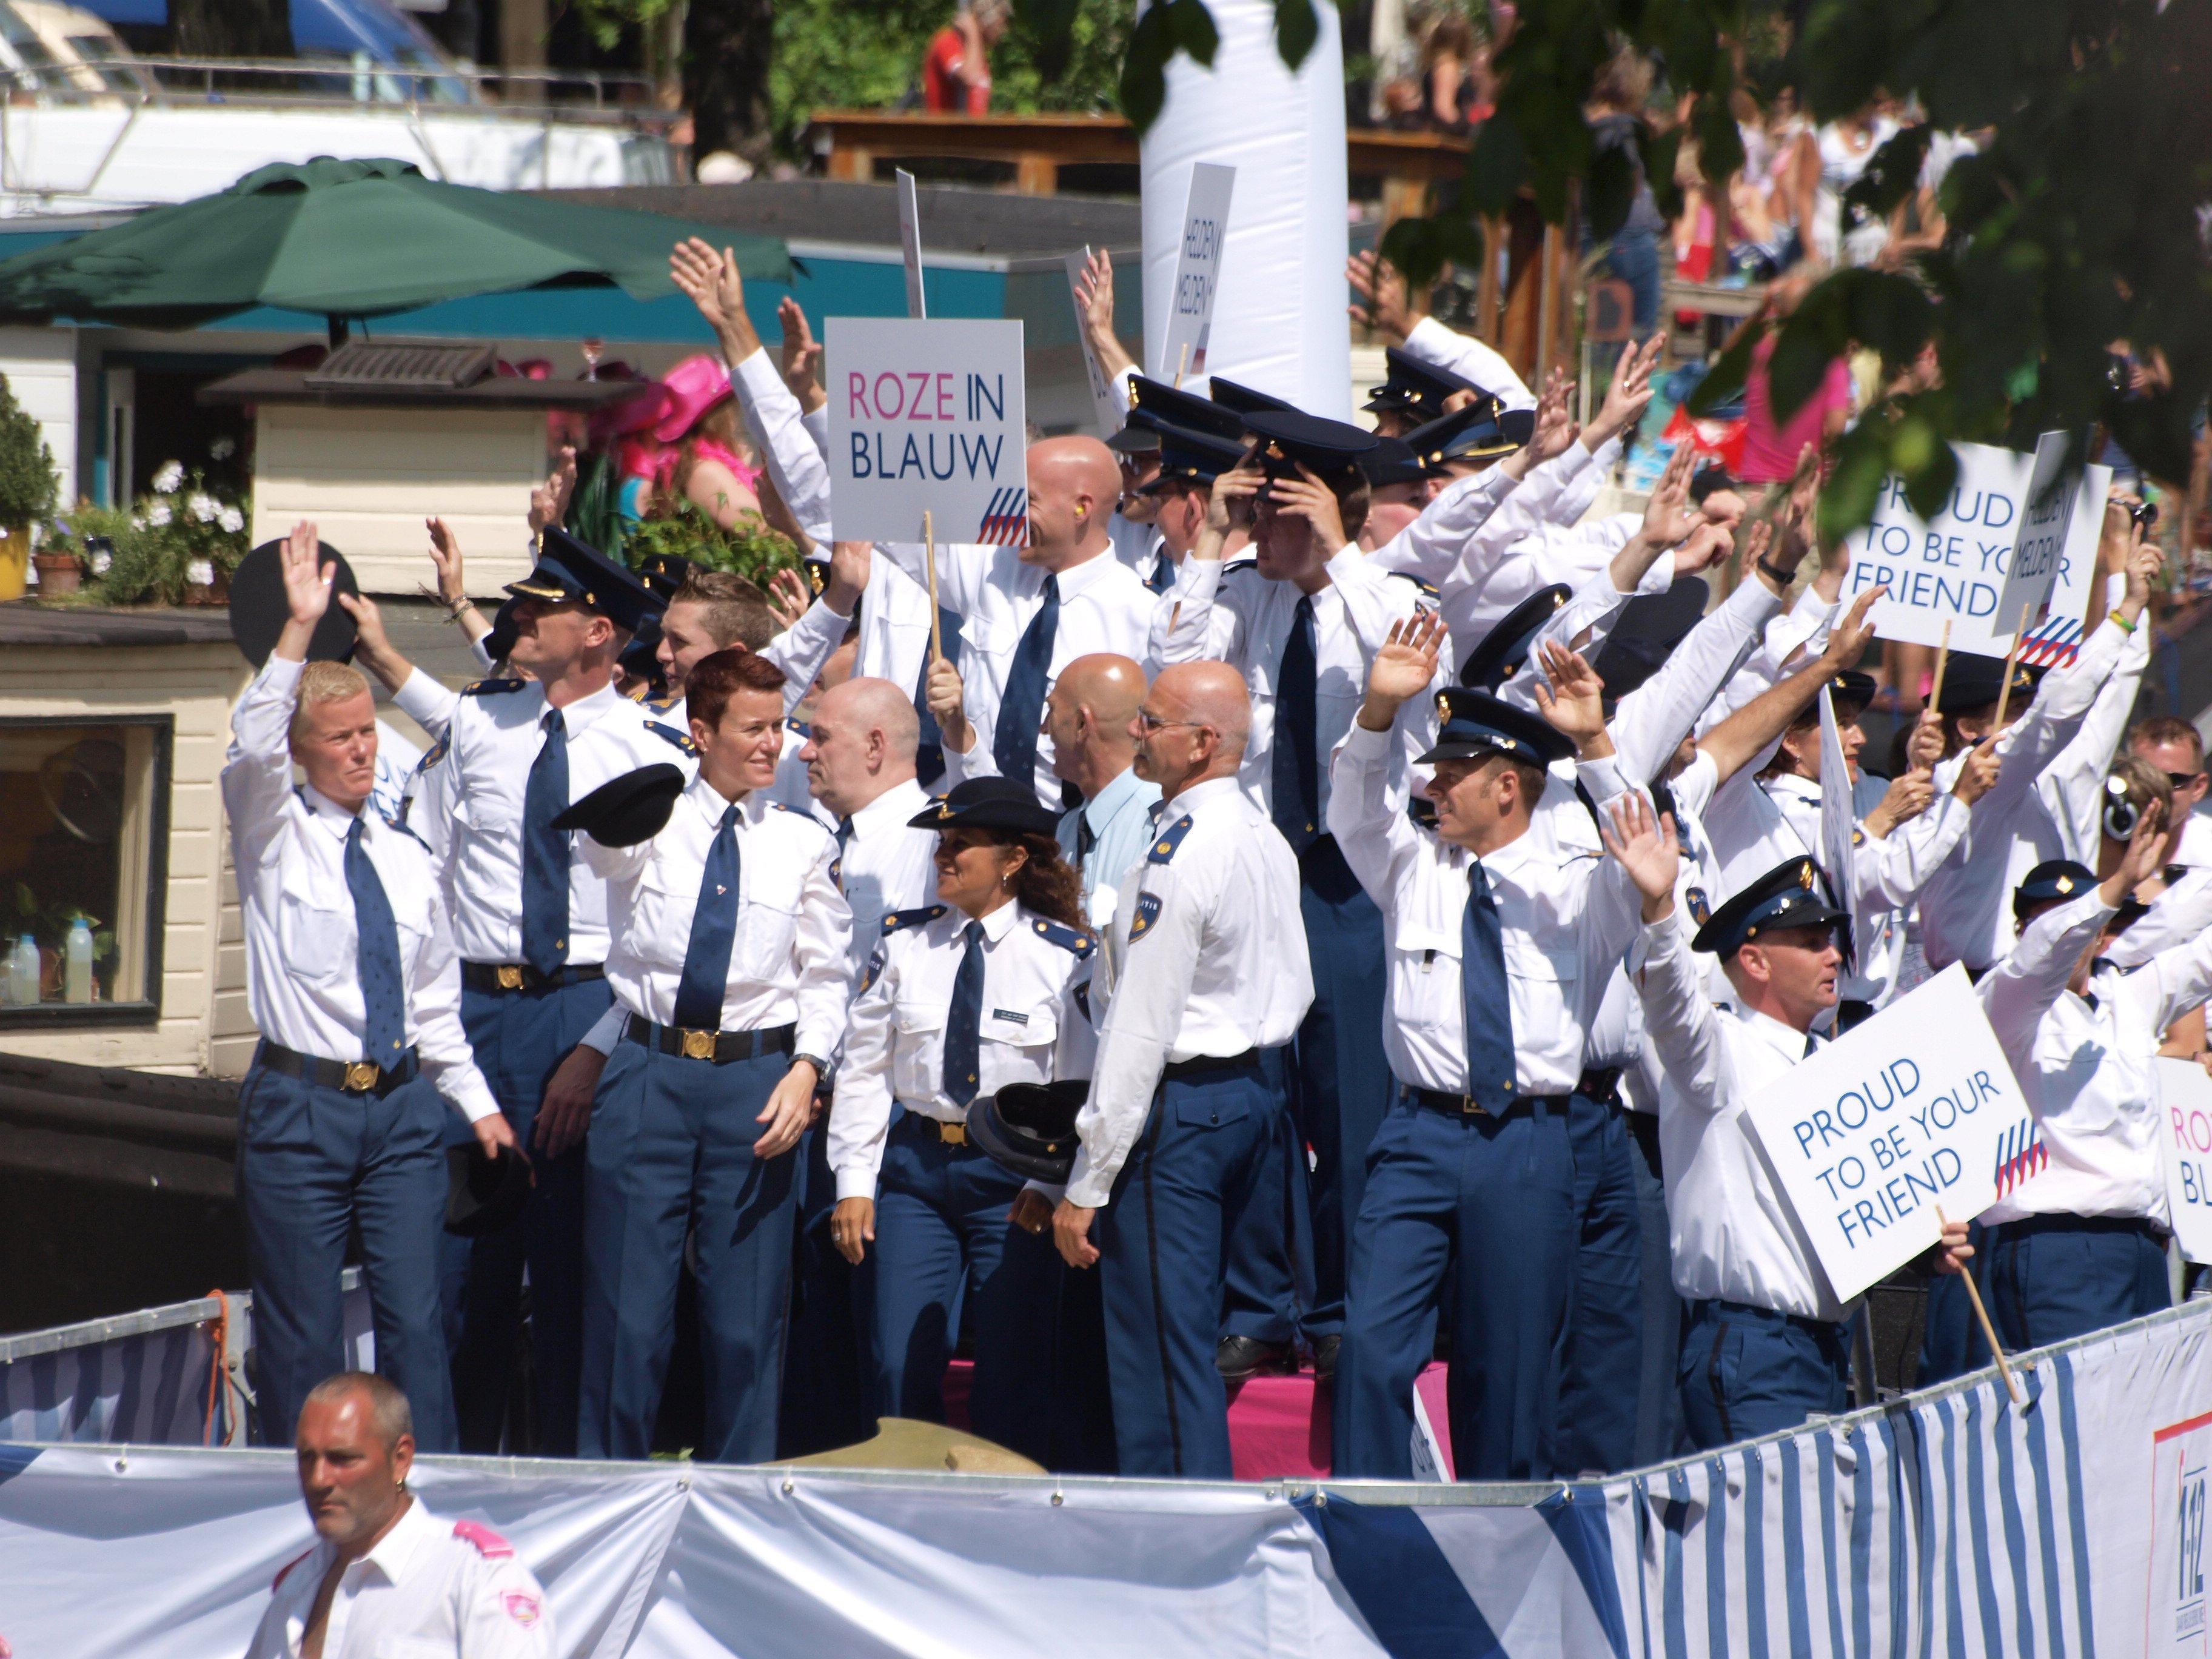 Volgens de SGP mag de politie niet meevaren tijdens de botenparade van de Gay Pride